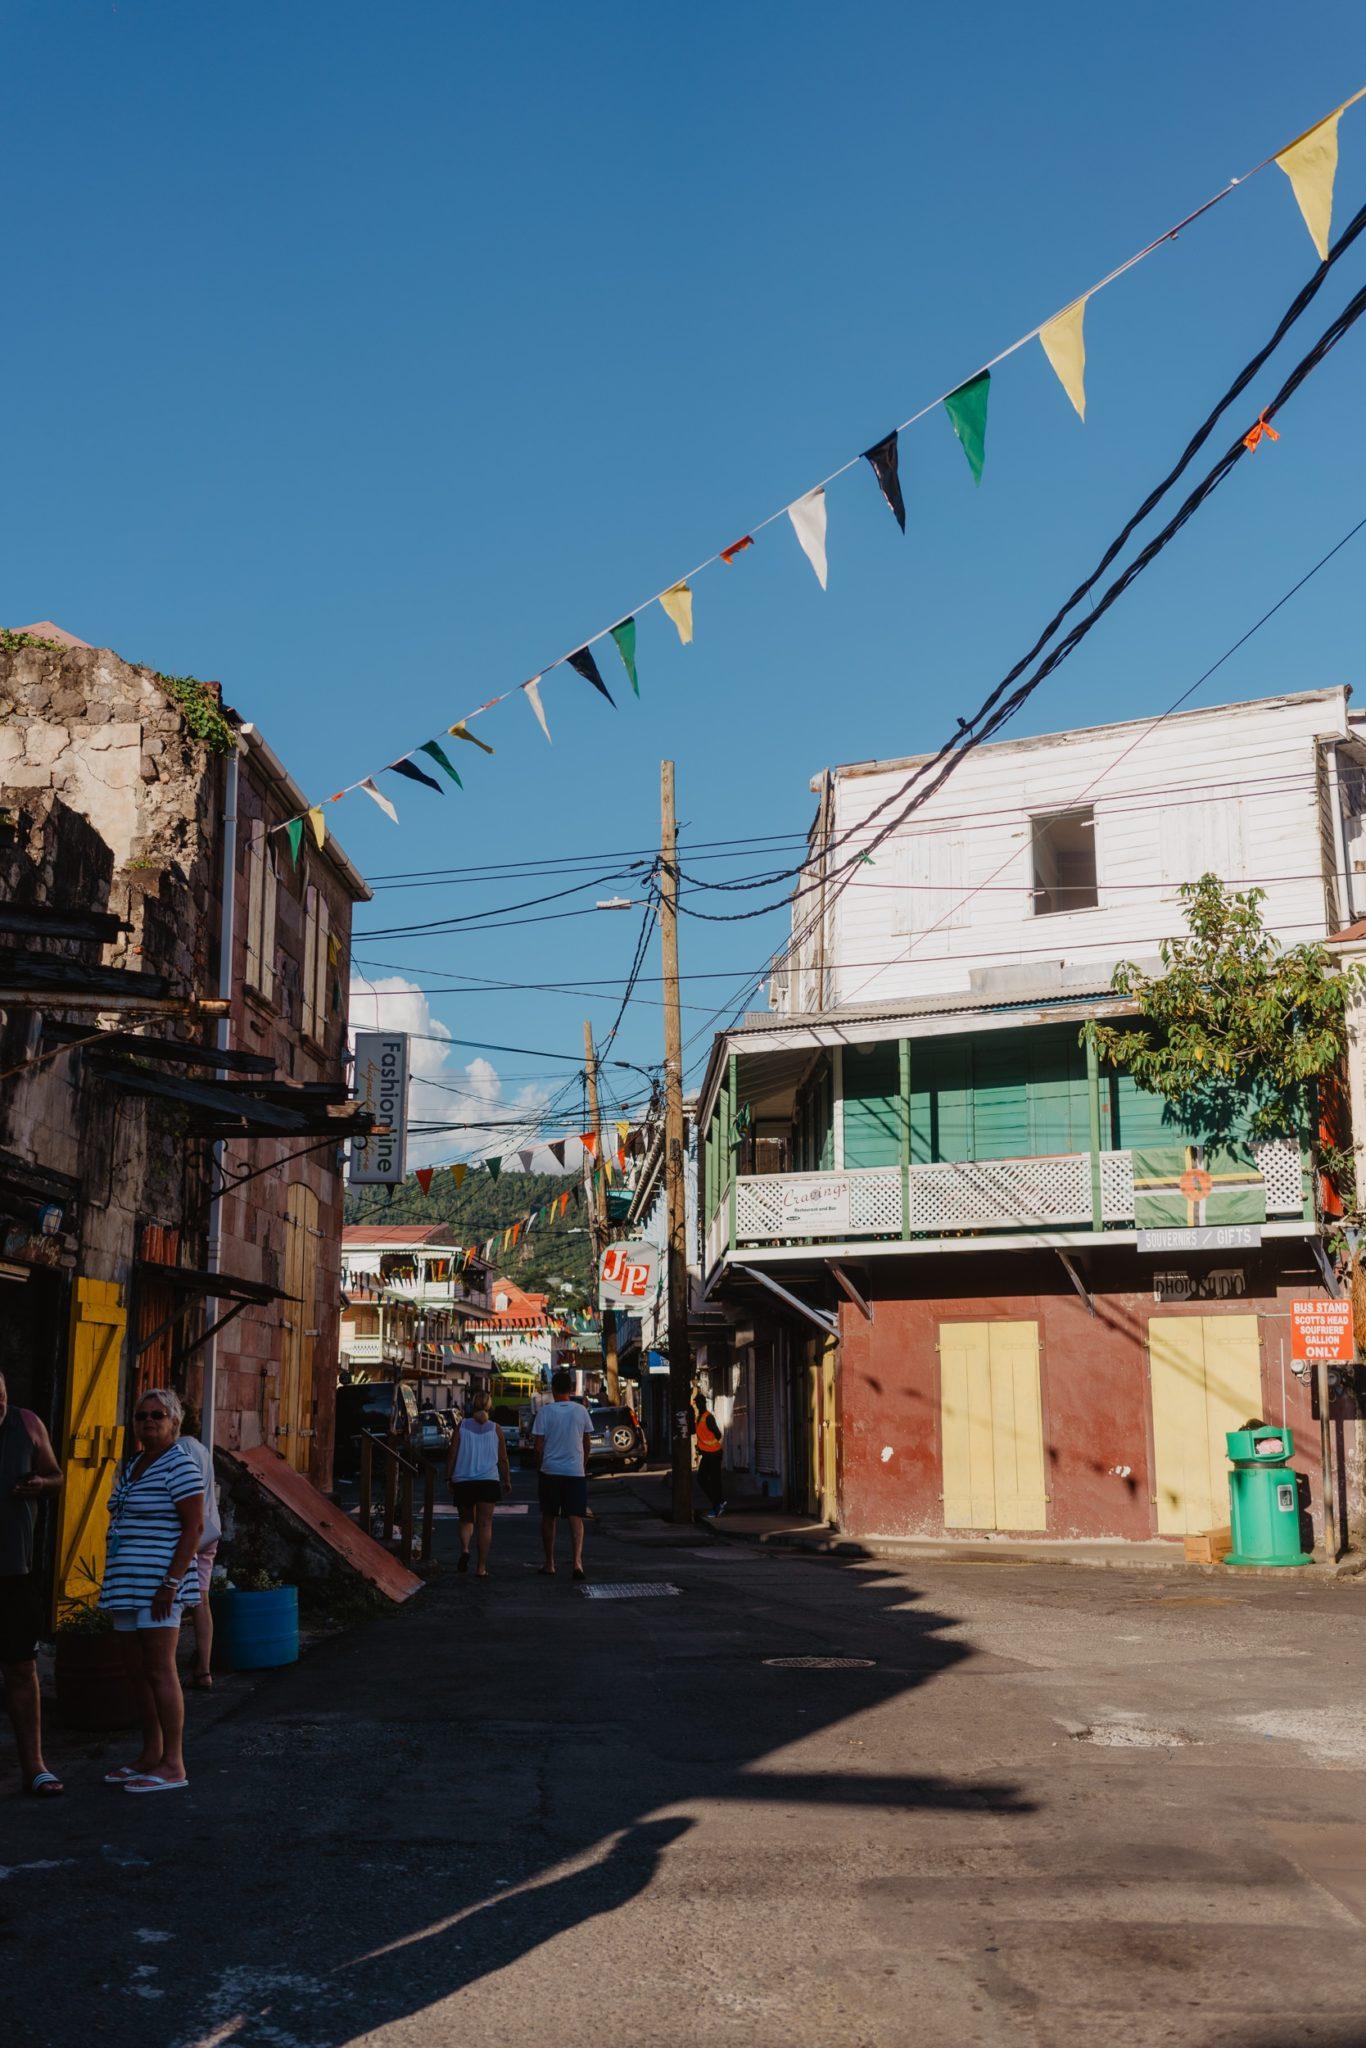 Devant le Ruins Rock Café, Roseau, Dominique